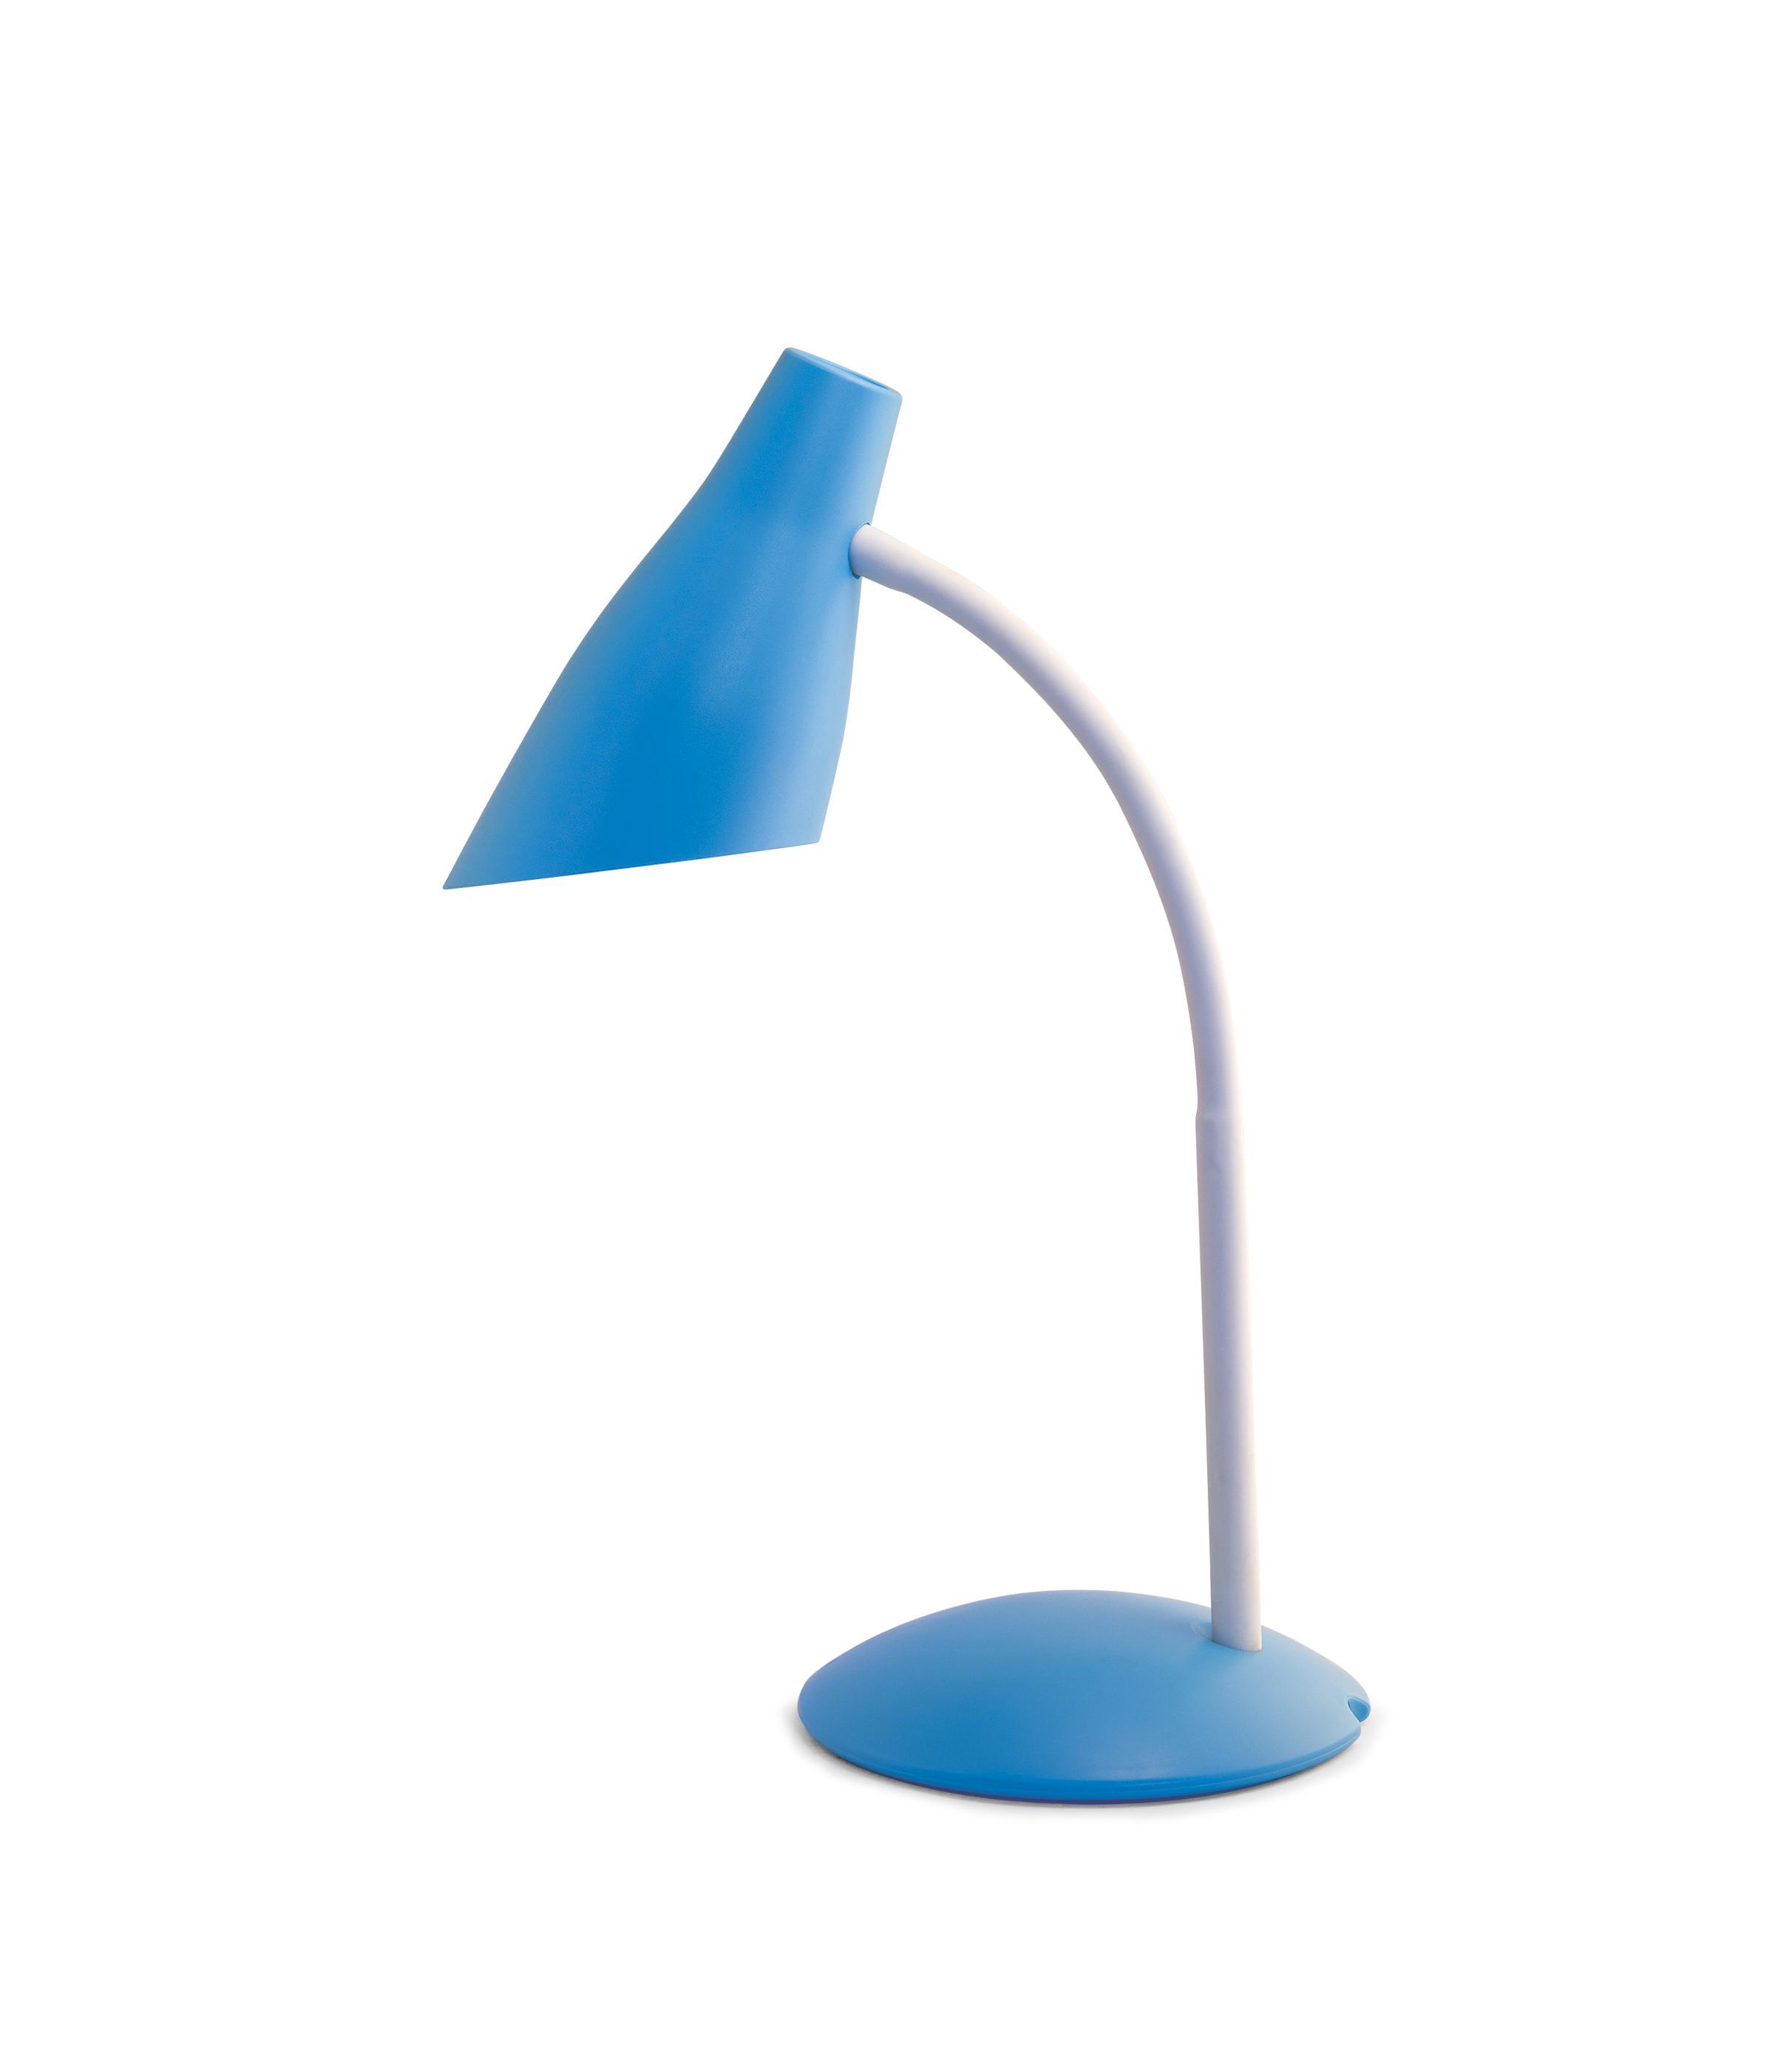 Лампа настольная ШКОЛЬНИК S-230 голубая лампа настольная школьник s 230 розовая